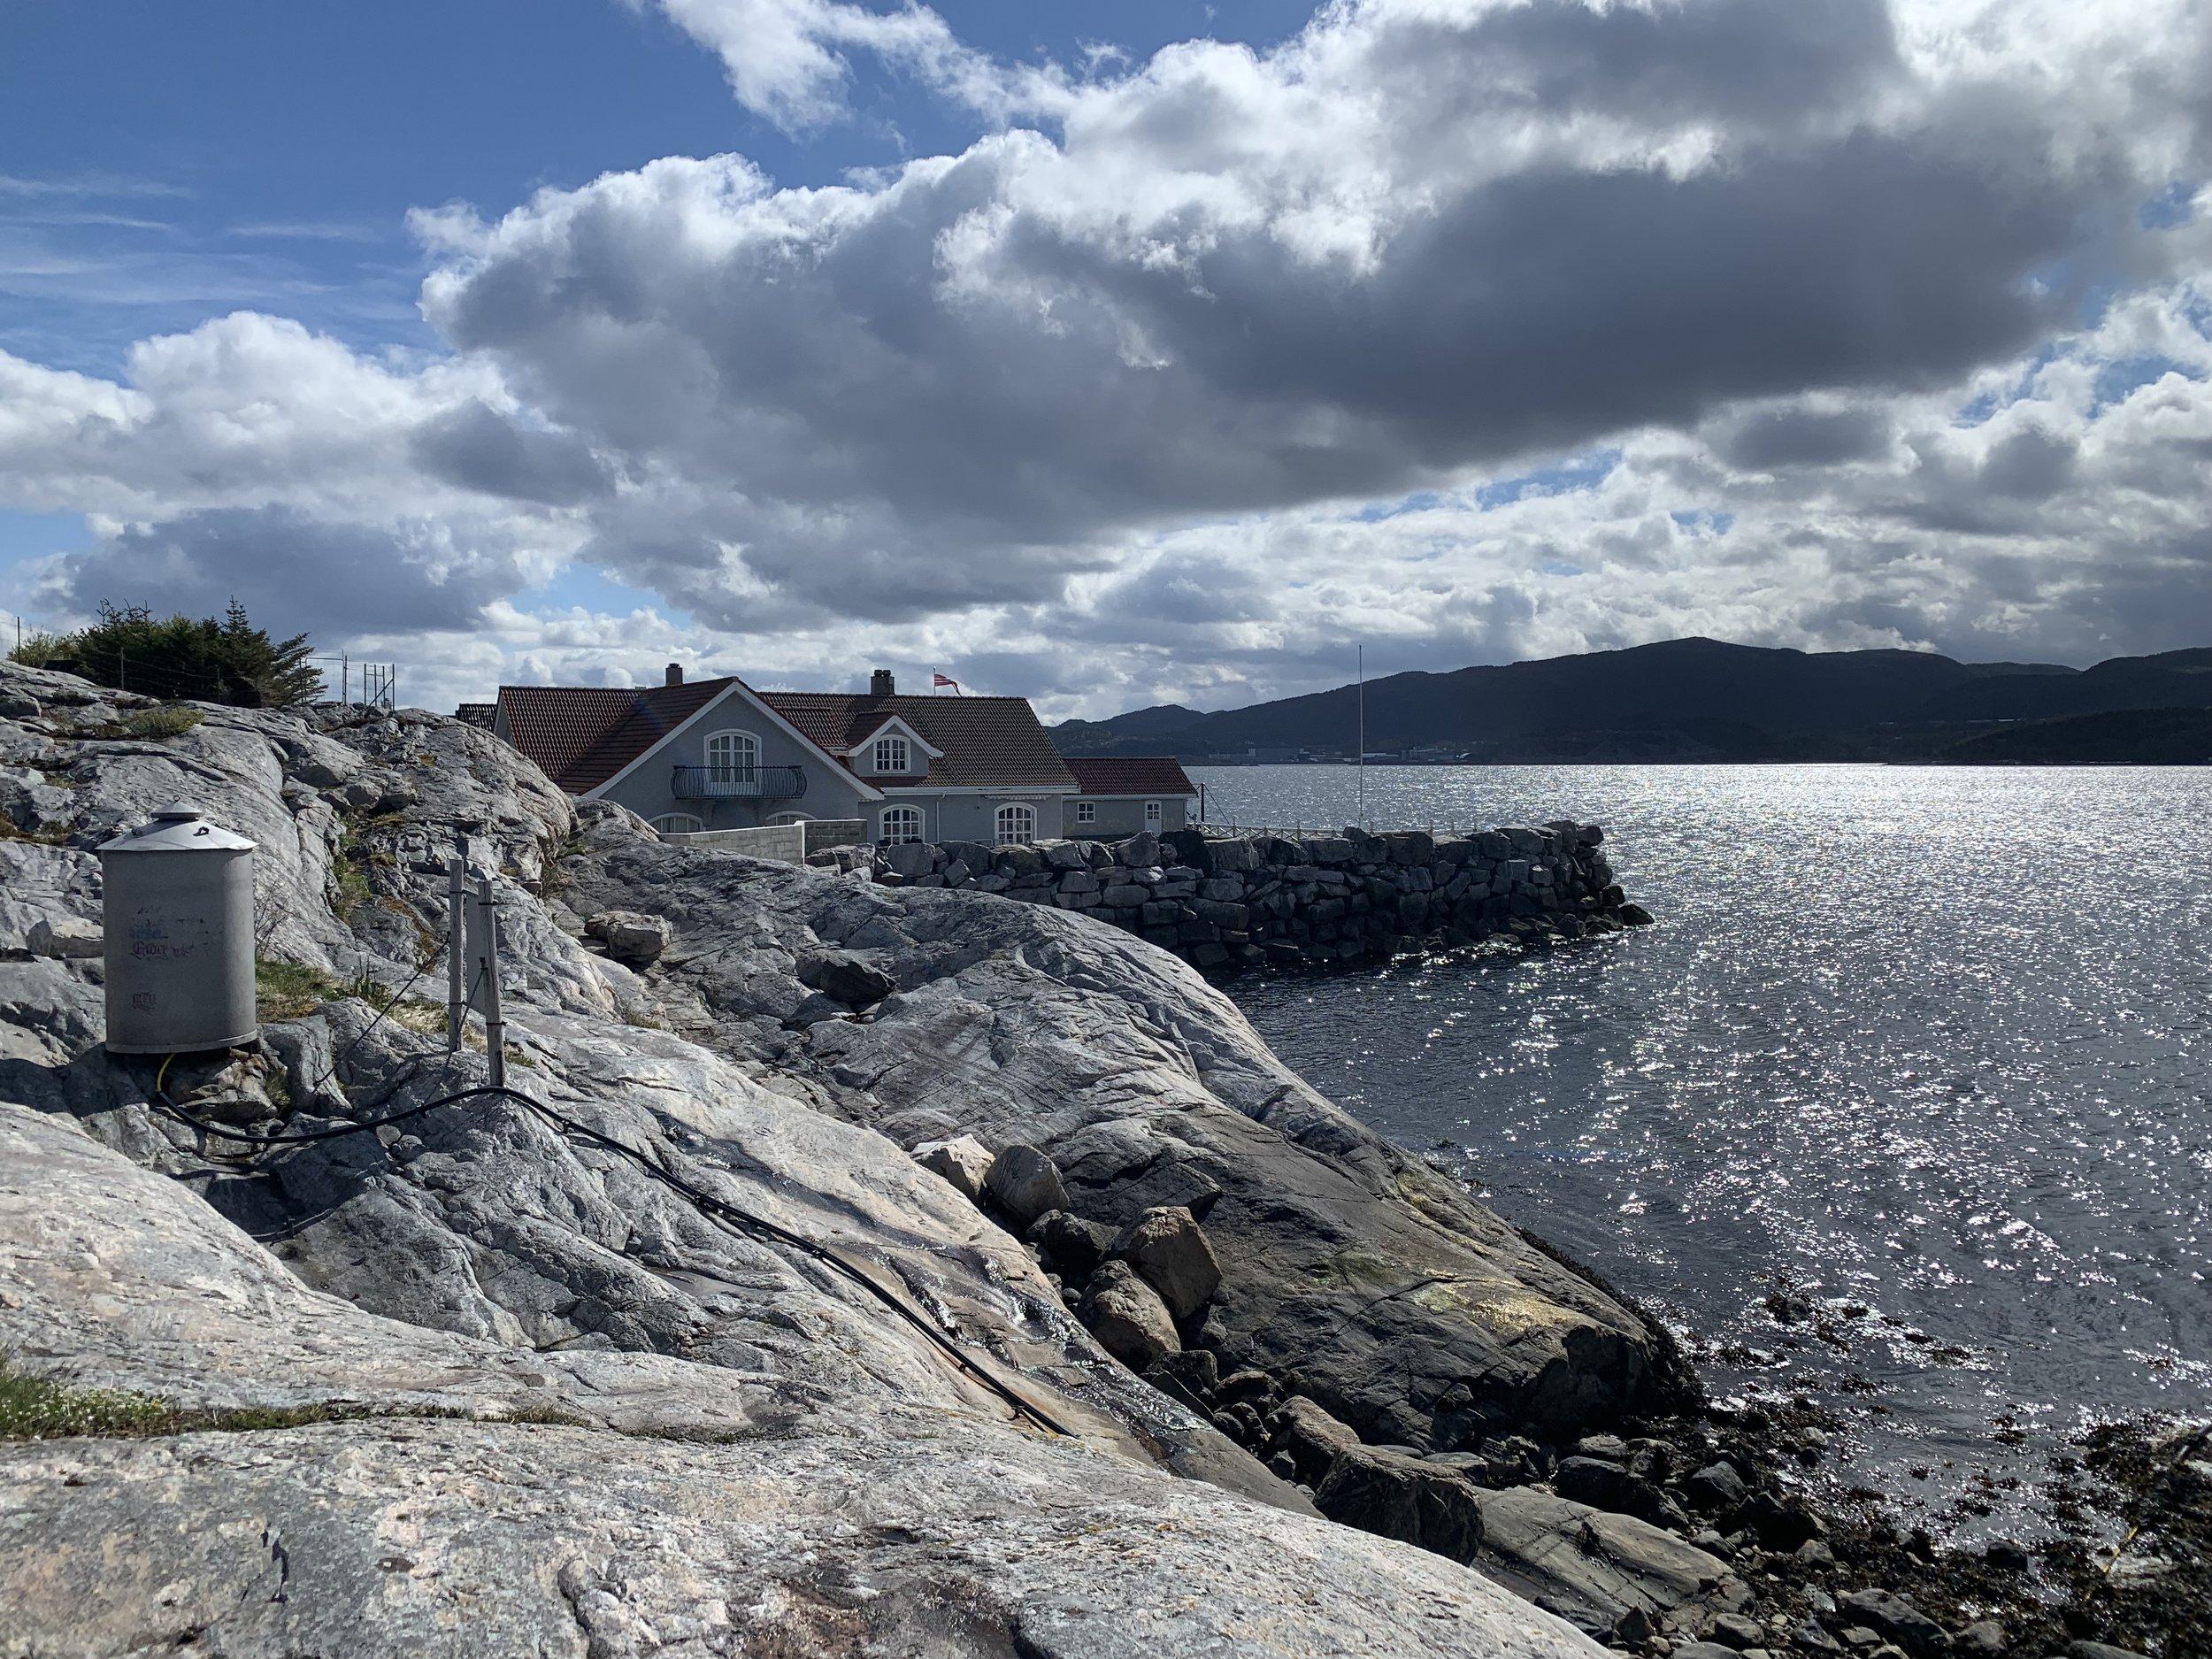 Drømmeboligen i Bryggekanten 21 var først bolig for Solskjærfamilien før den ble utleid til trenerkollegaen.  Foto: Odd Roar Lange